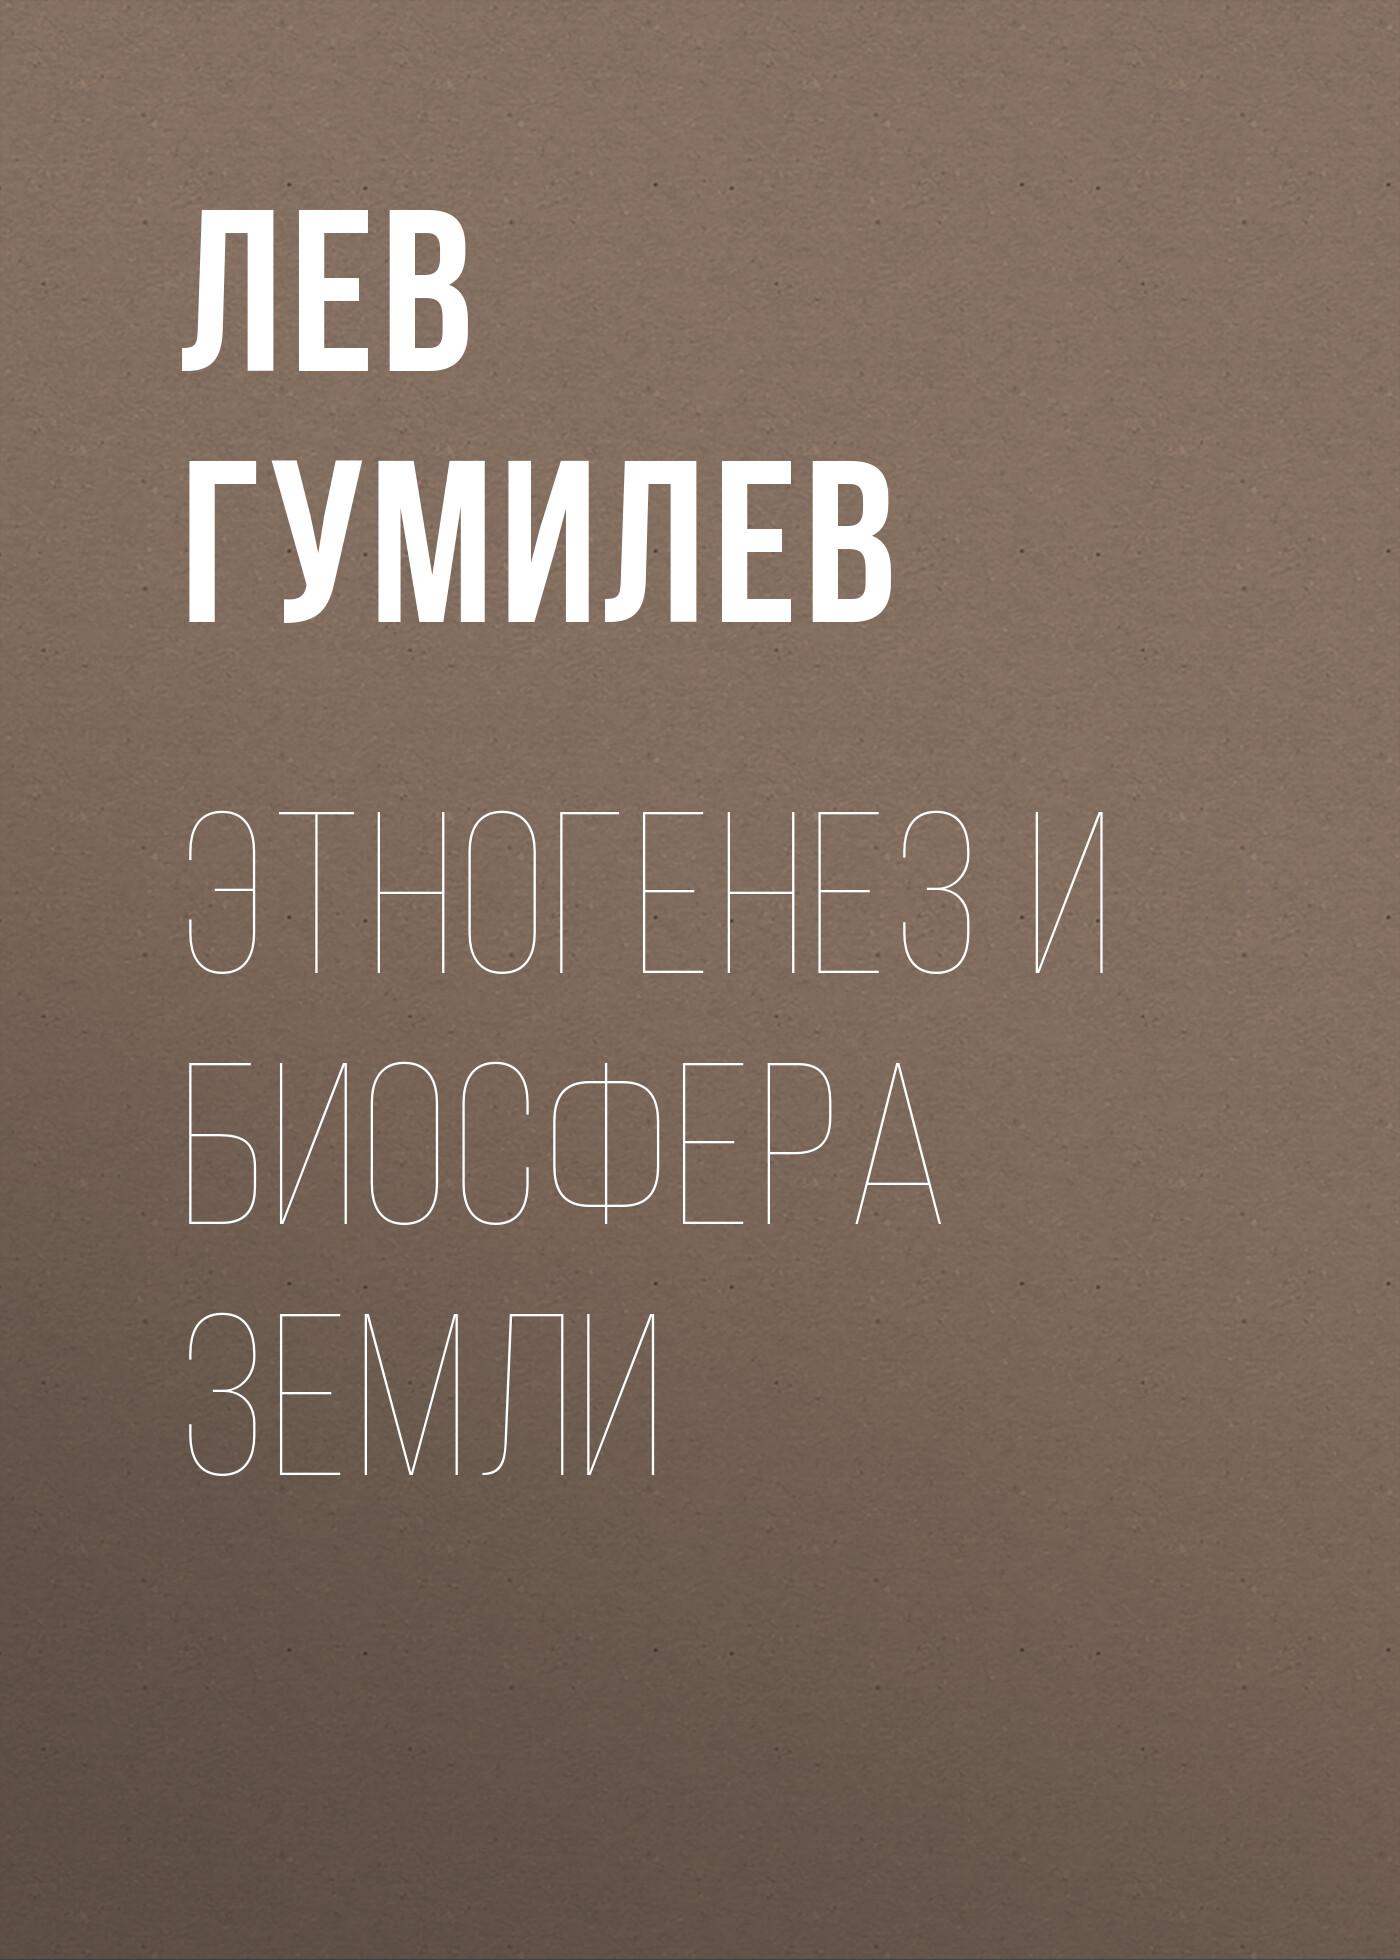 Лев Гумилев Этногенез и биосфера Земли лев гумилев passionarium теория пассионарности и этногенеза сборник